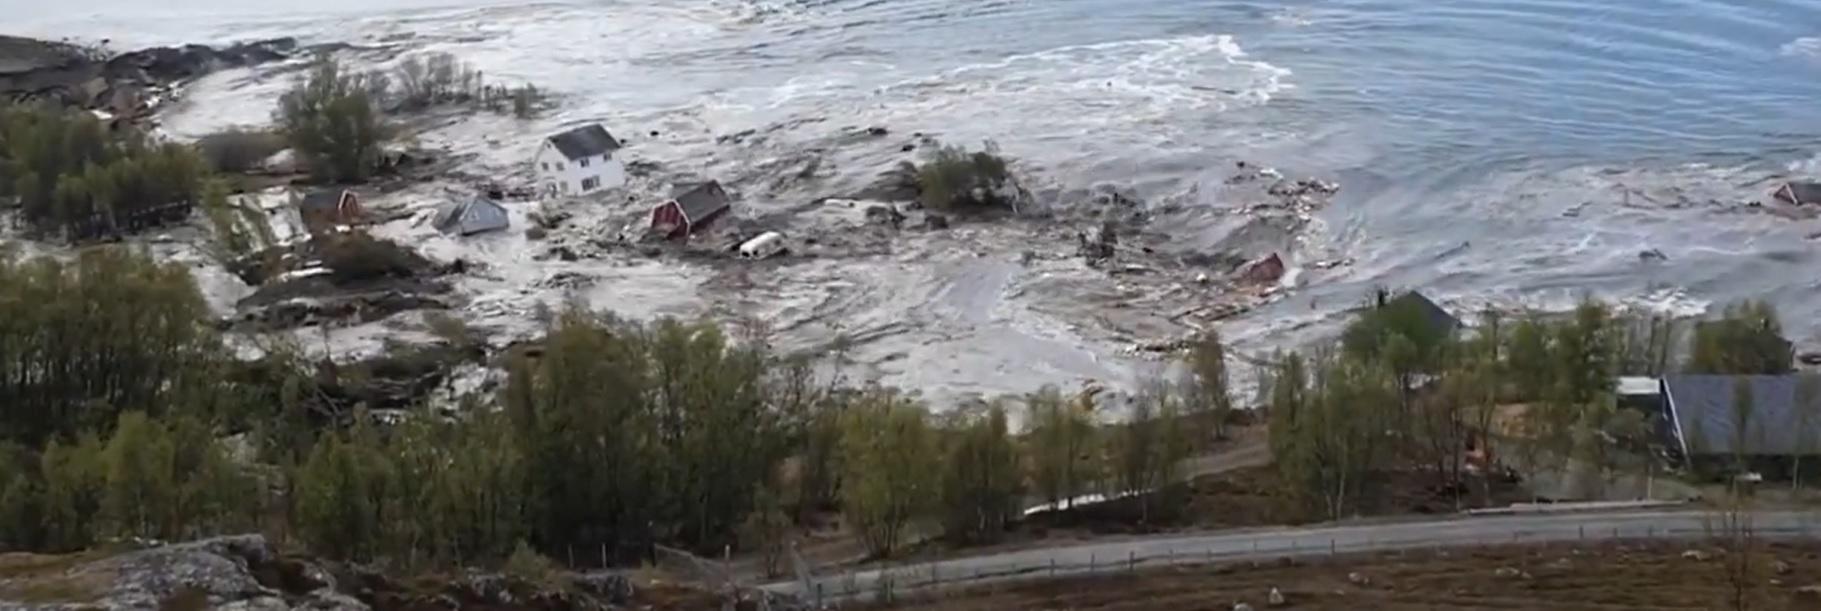 Alta - katastrofa w Norwegii. Sceny jak z filmu